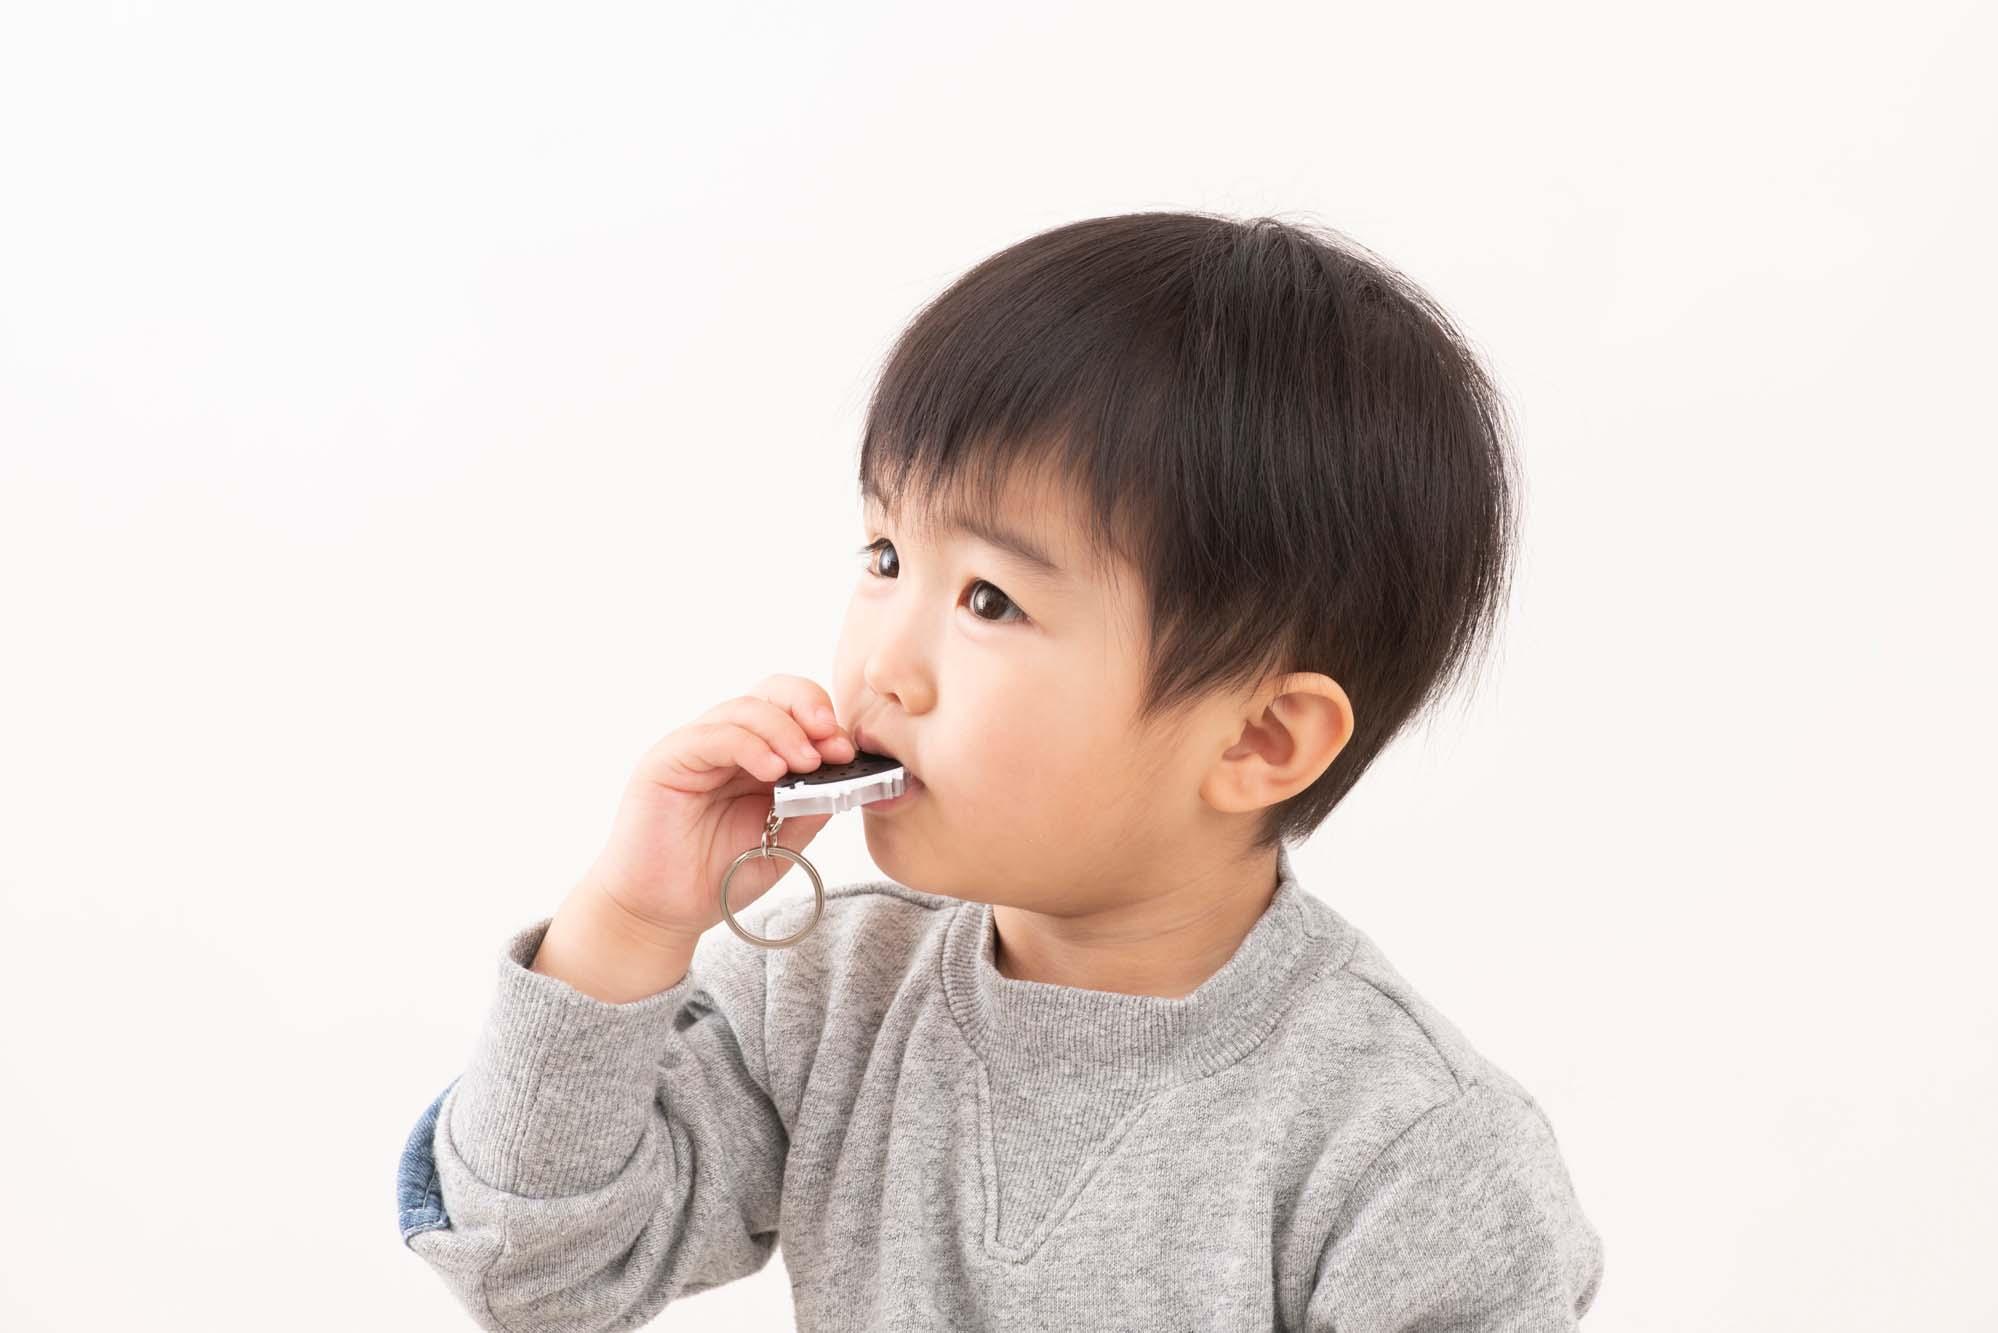 小さな子どもやお年寄りなど、肺活量の少ない人でも簡単に音が出せるよう、構造が工夫されています